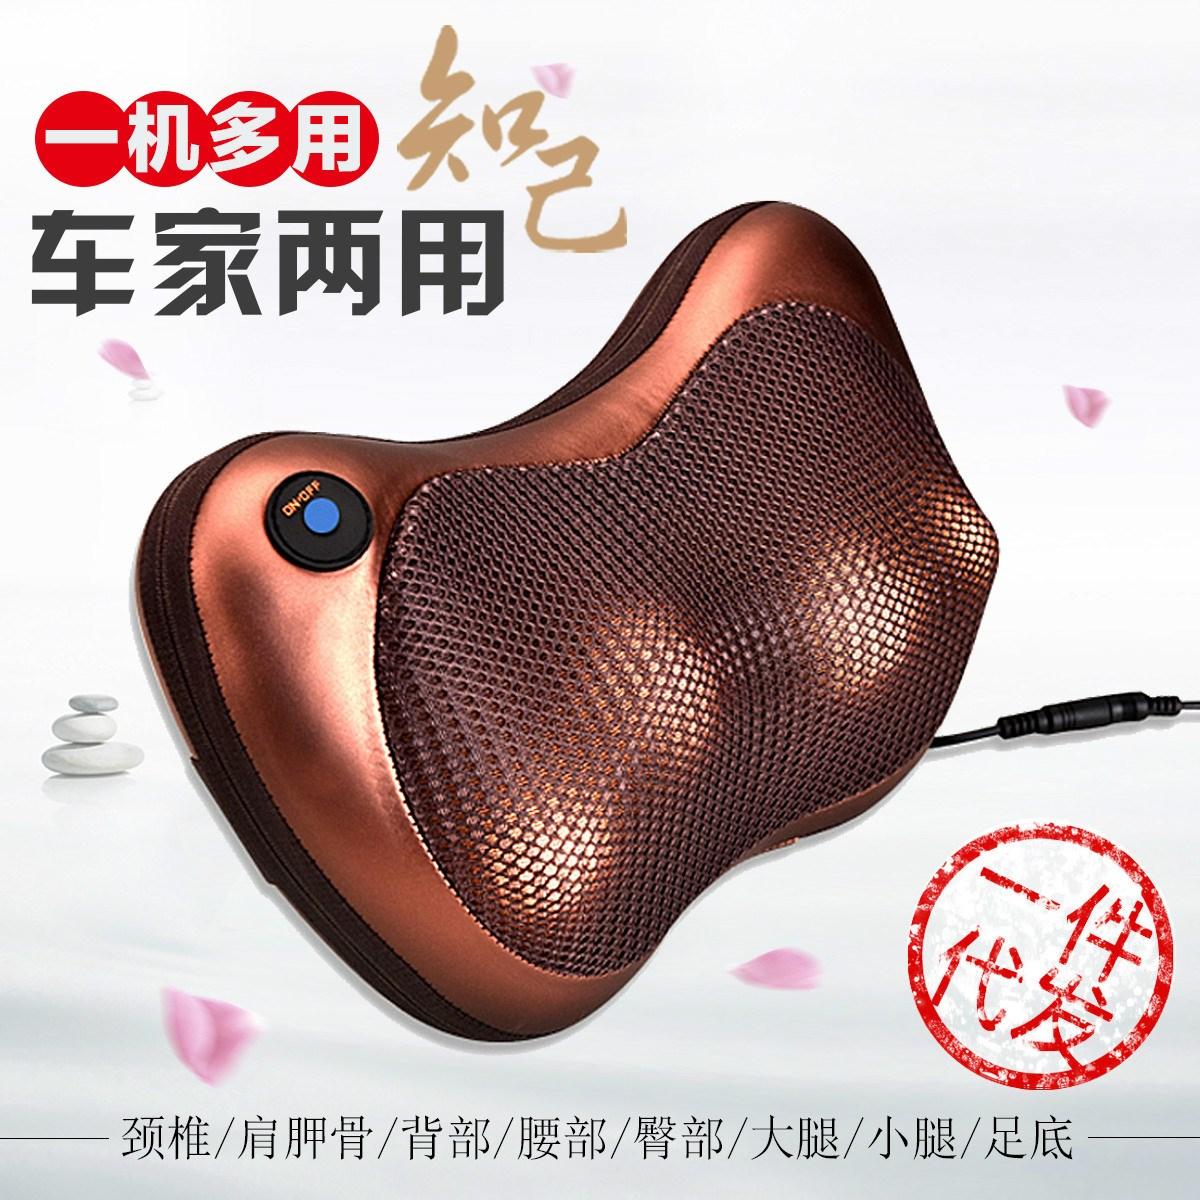 Masajeador cervical del cuello espalda lumbar eléctrico multifuncional de almohada cojín de masaje de cuerpo entero a bordo del vehículo de uso doméstico